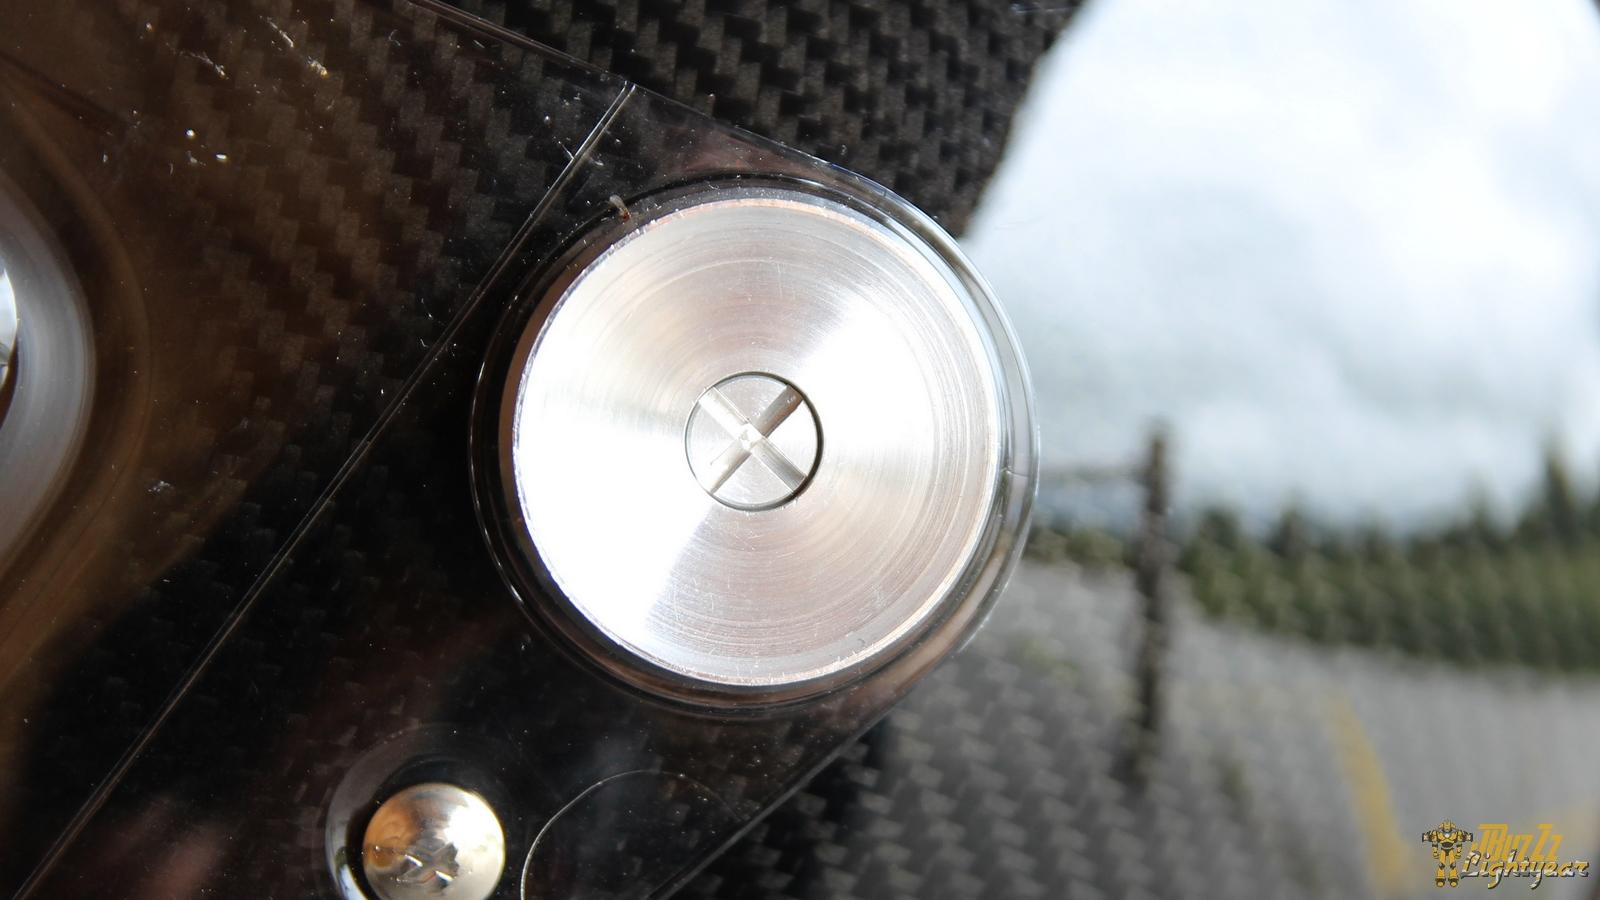 Finition du casque NEXX X.G 100 Racer par vis.